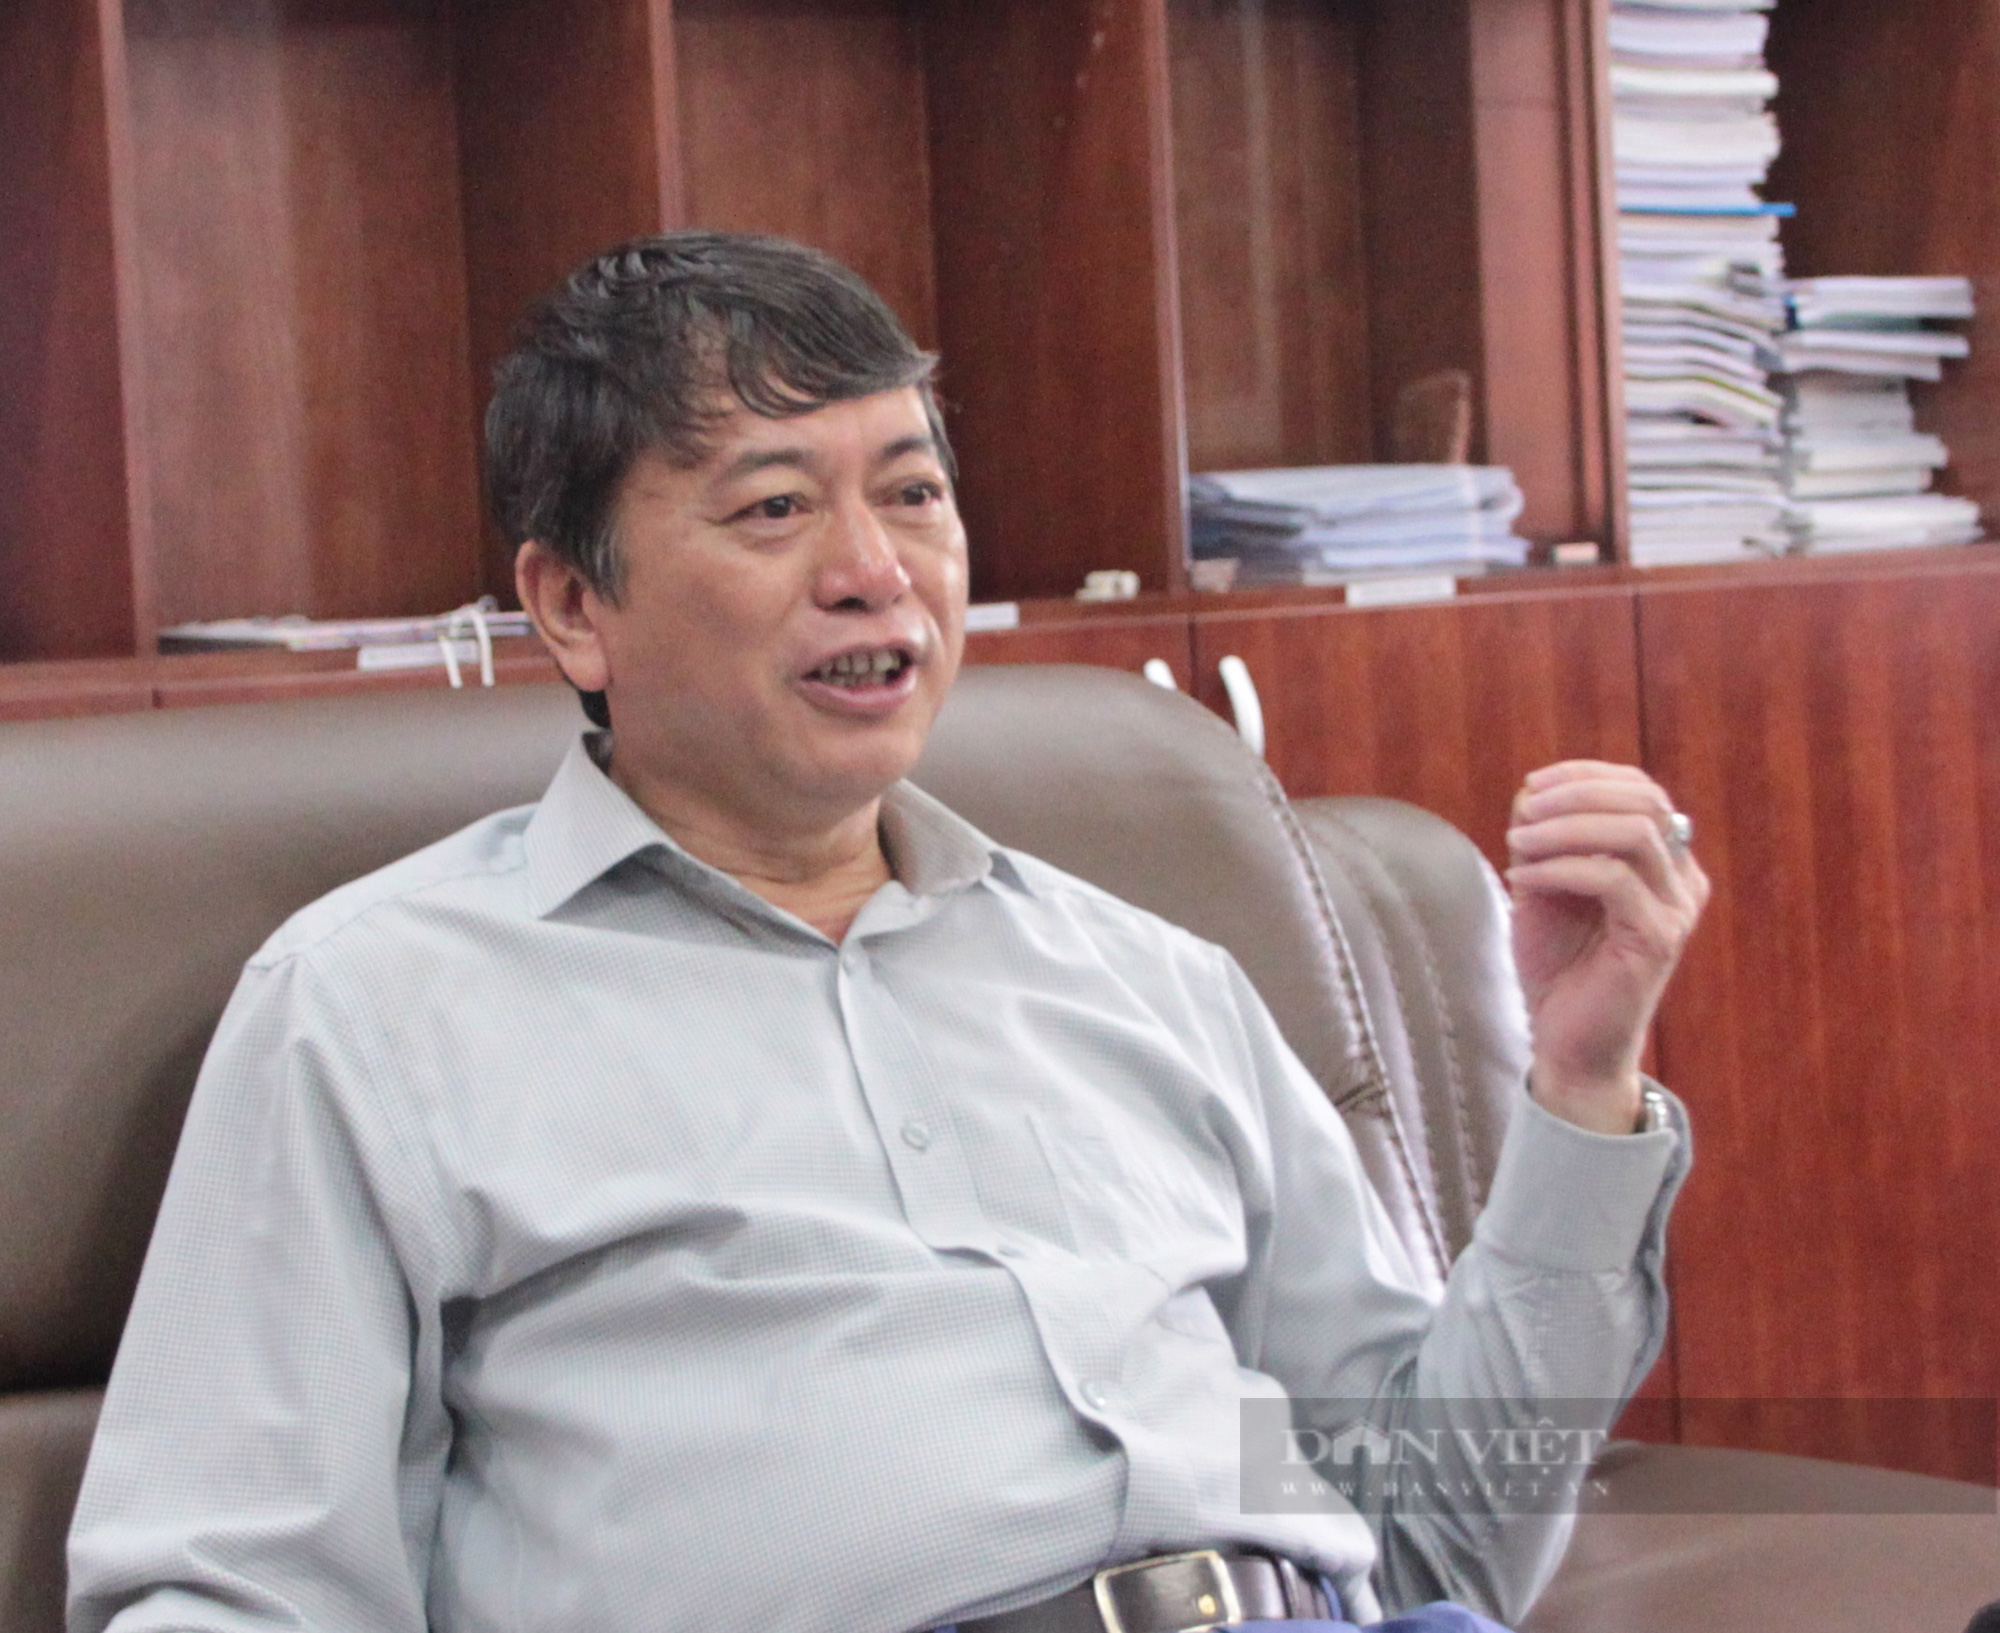 Tỉnh duy nhất ở Việt Nam chưa có ca dương tính Covid-19: Chủ tịch UBND tỉnh chia sẻ kinh nghiệm gì? - Ảnh 1.